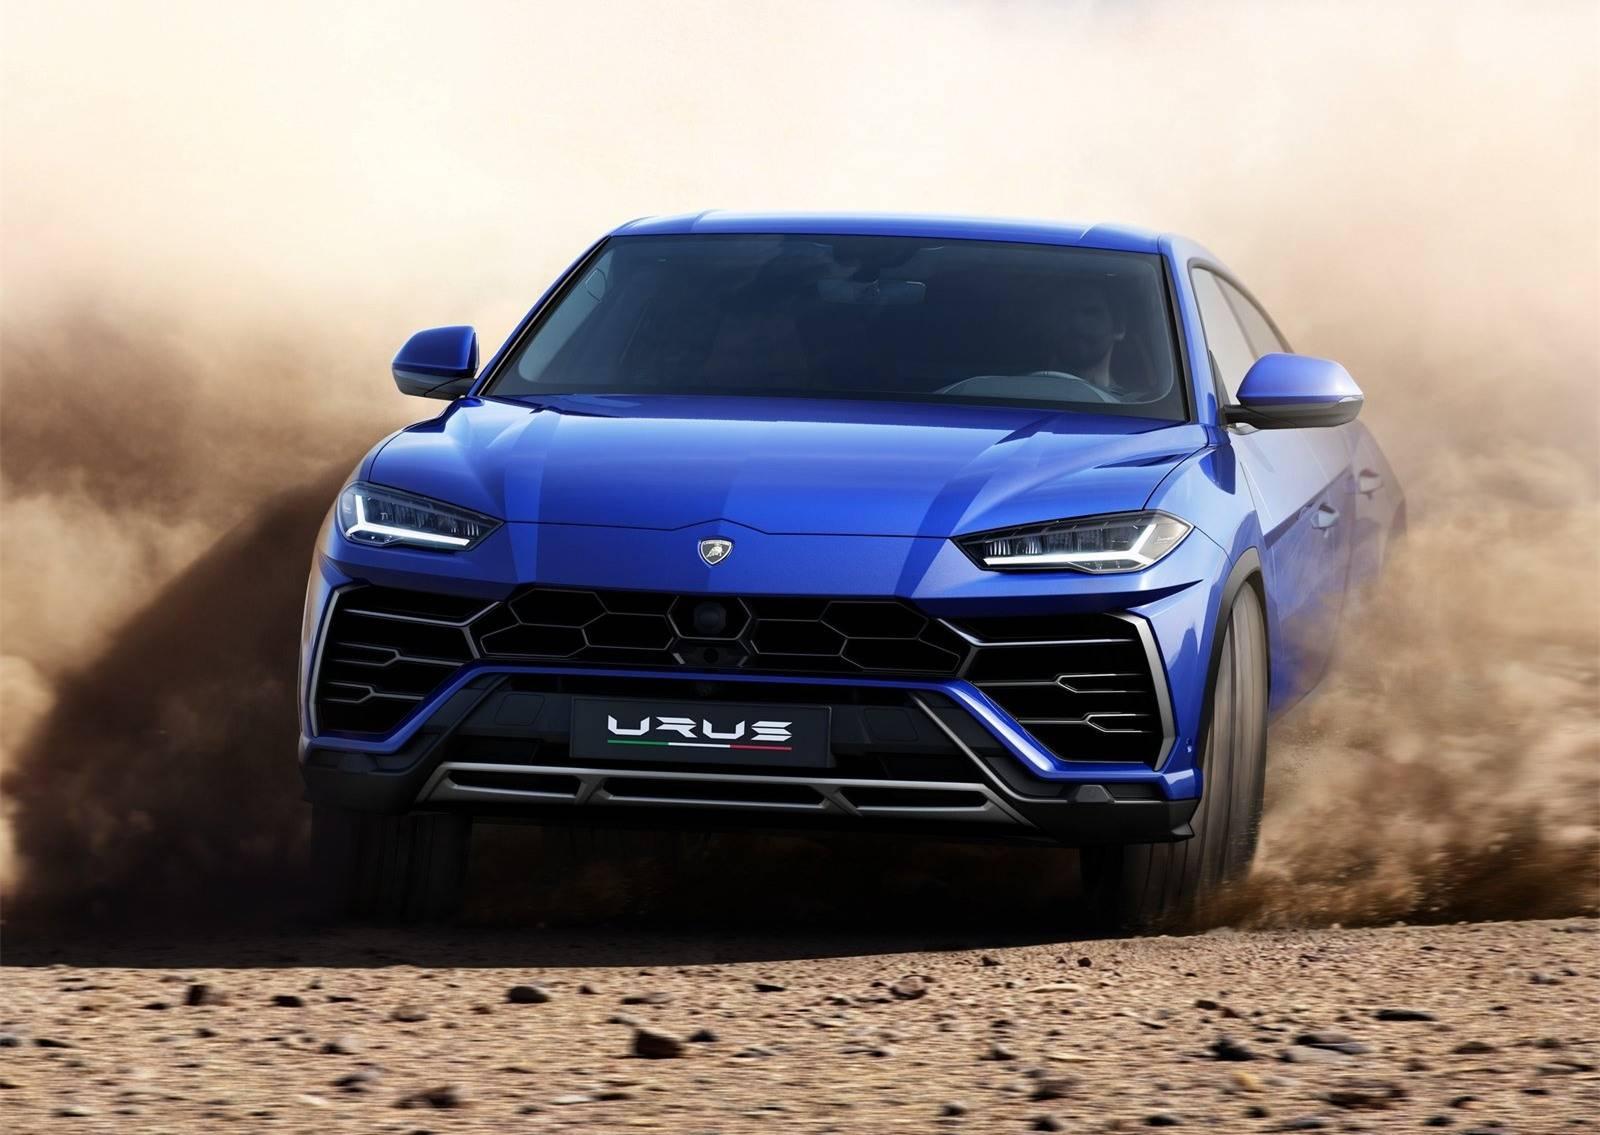 Lamborghini-Urus-2019-1600-19.jpg